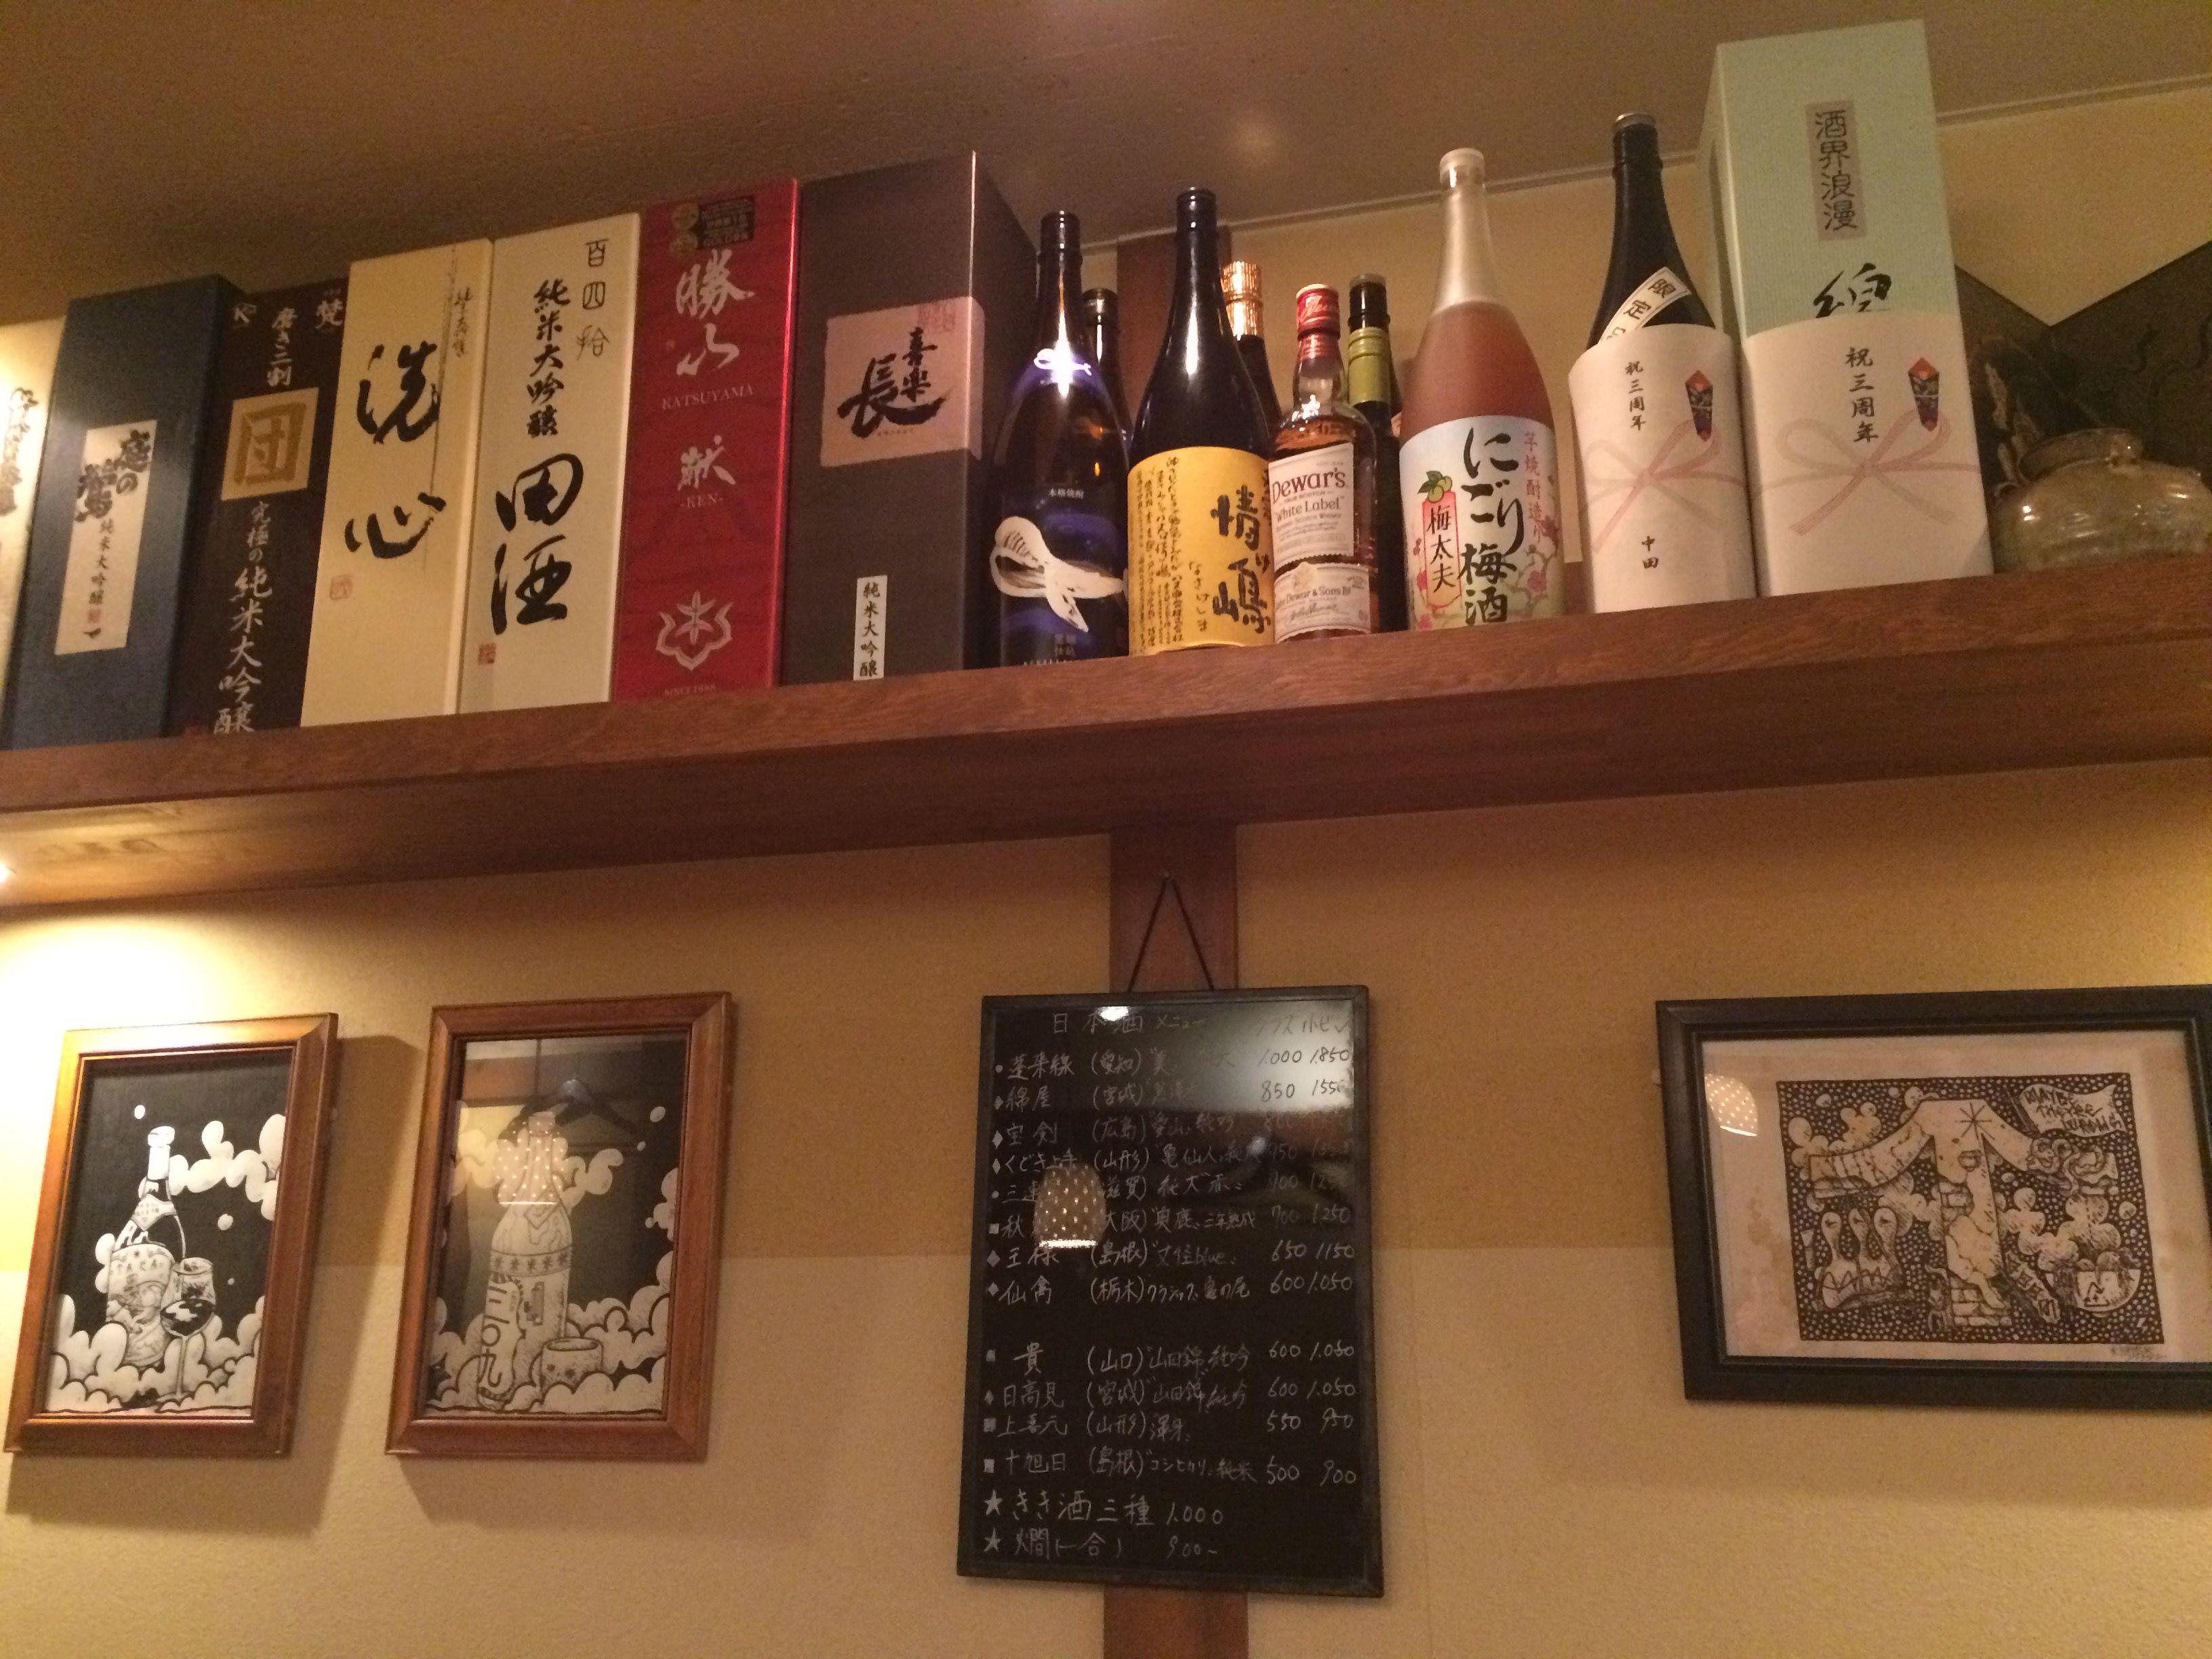 和食時々フレンチ貴  2017年3月  雛飾りがテーマの地酒コース